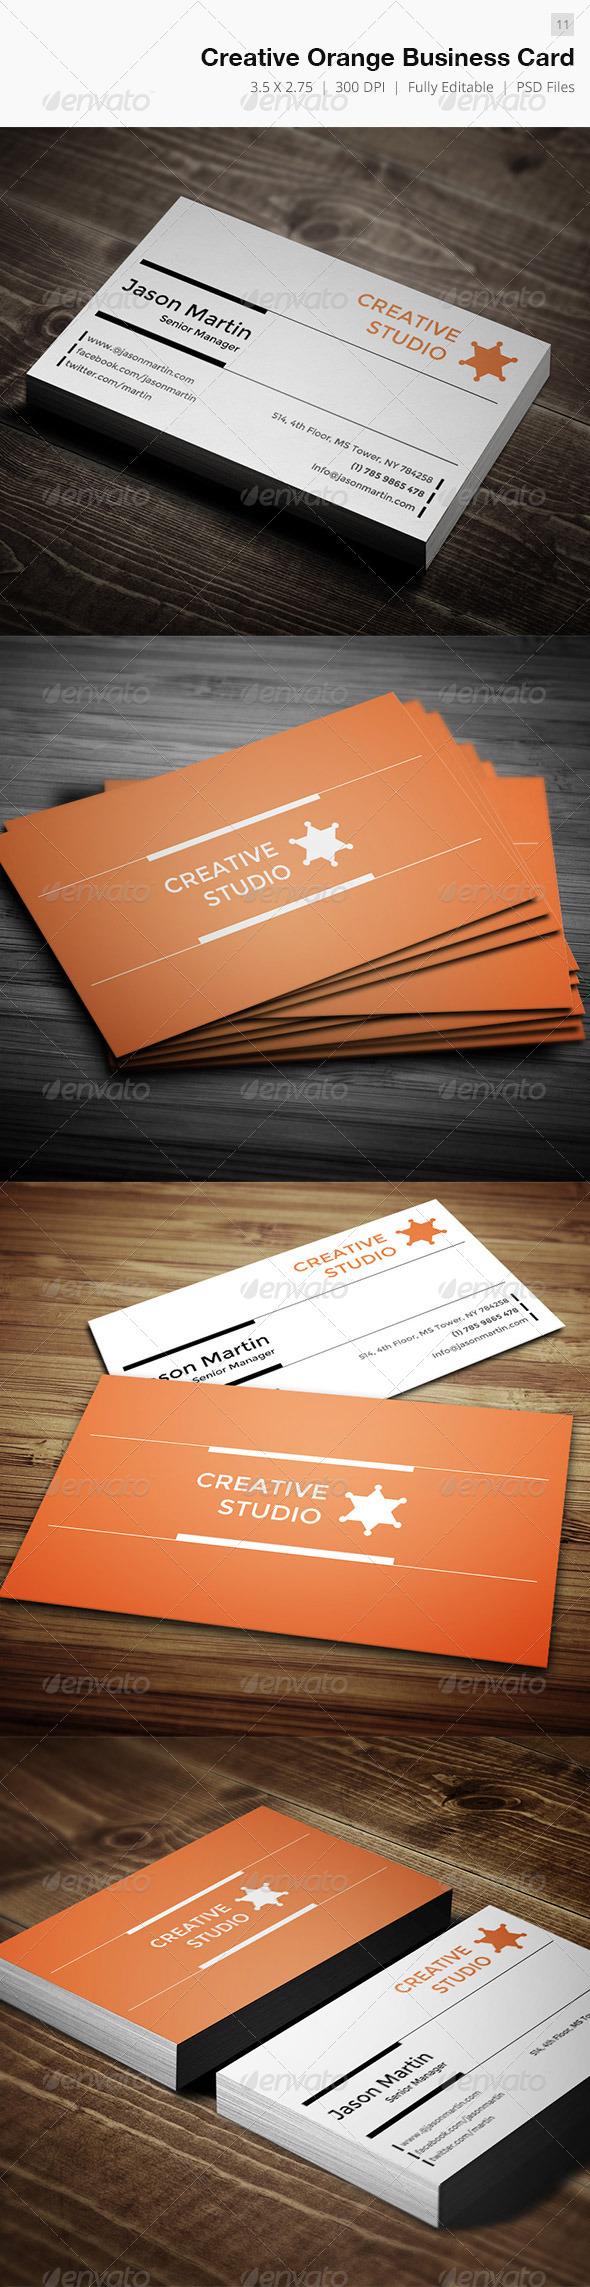 Creative Orange  Business Card  - Corporate Business Cards